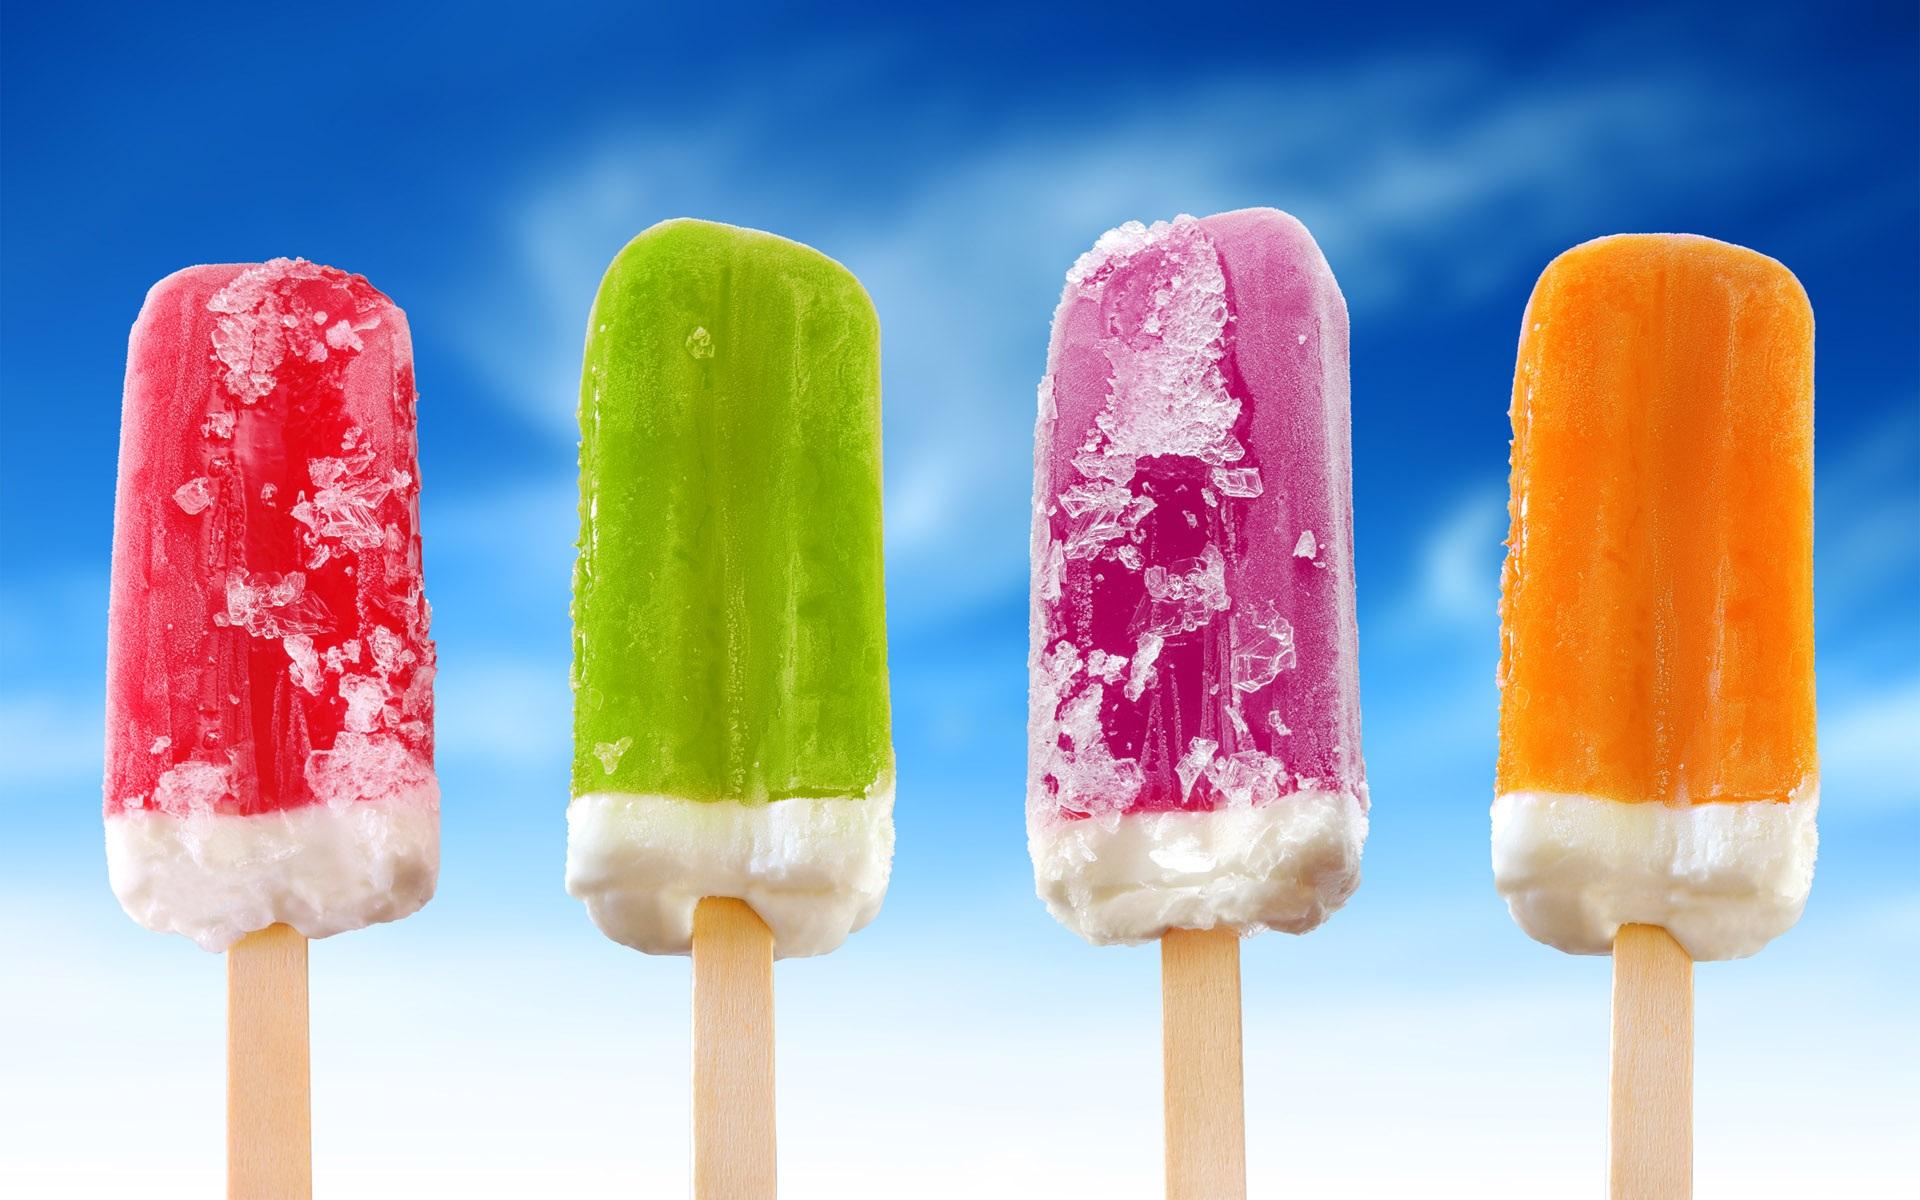 カラフルなアイスクリームアイスキャンデー 壁紙 - 1920x1200   カラフルなアイスクリ